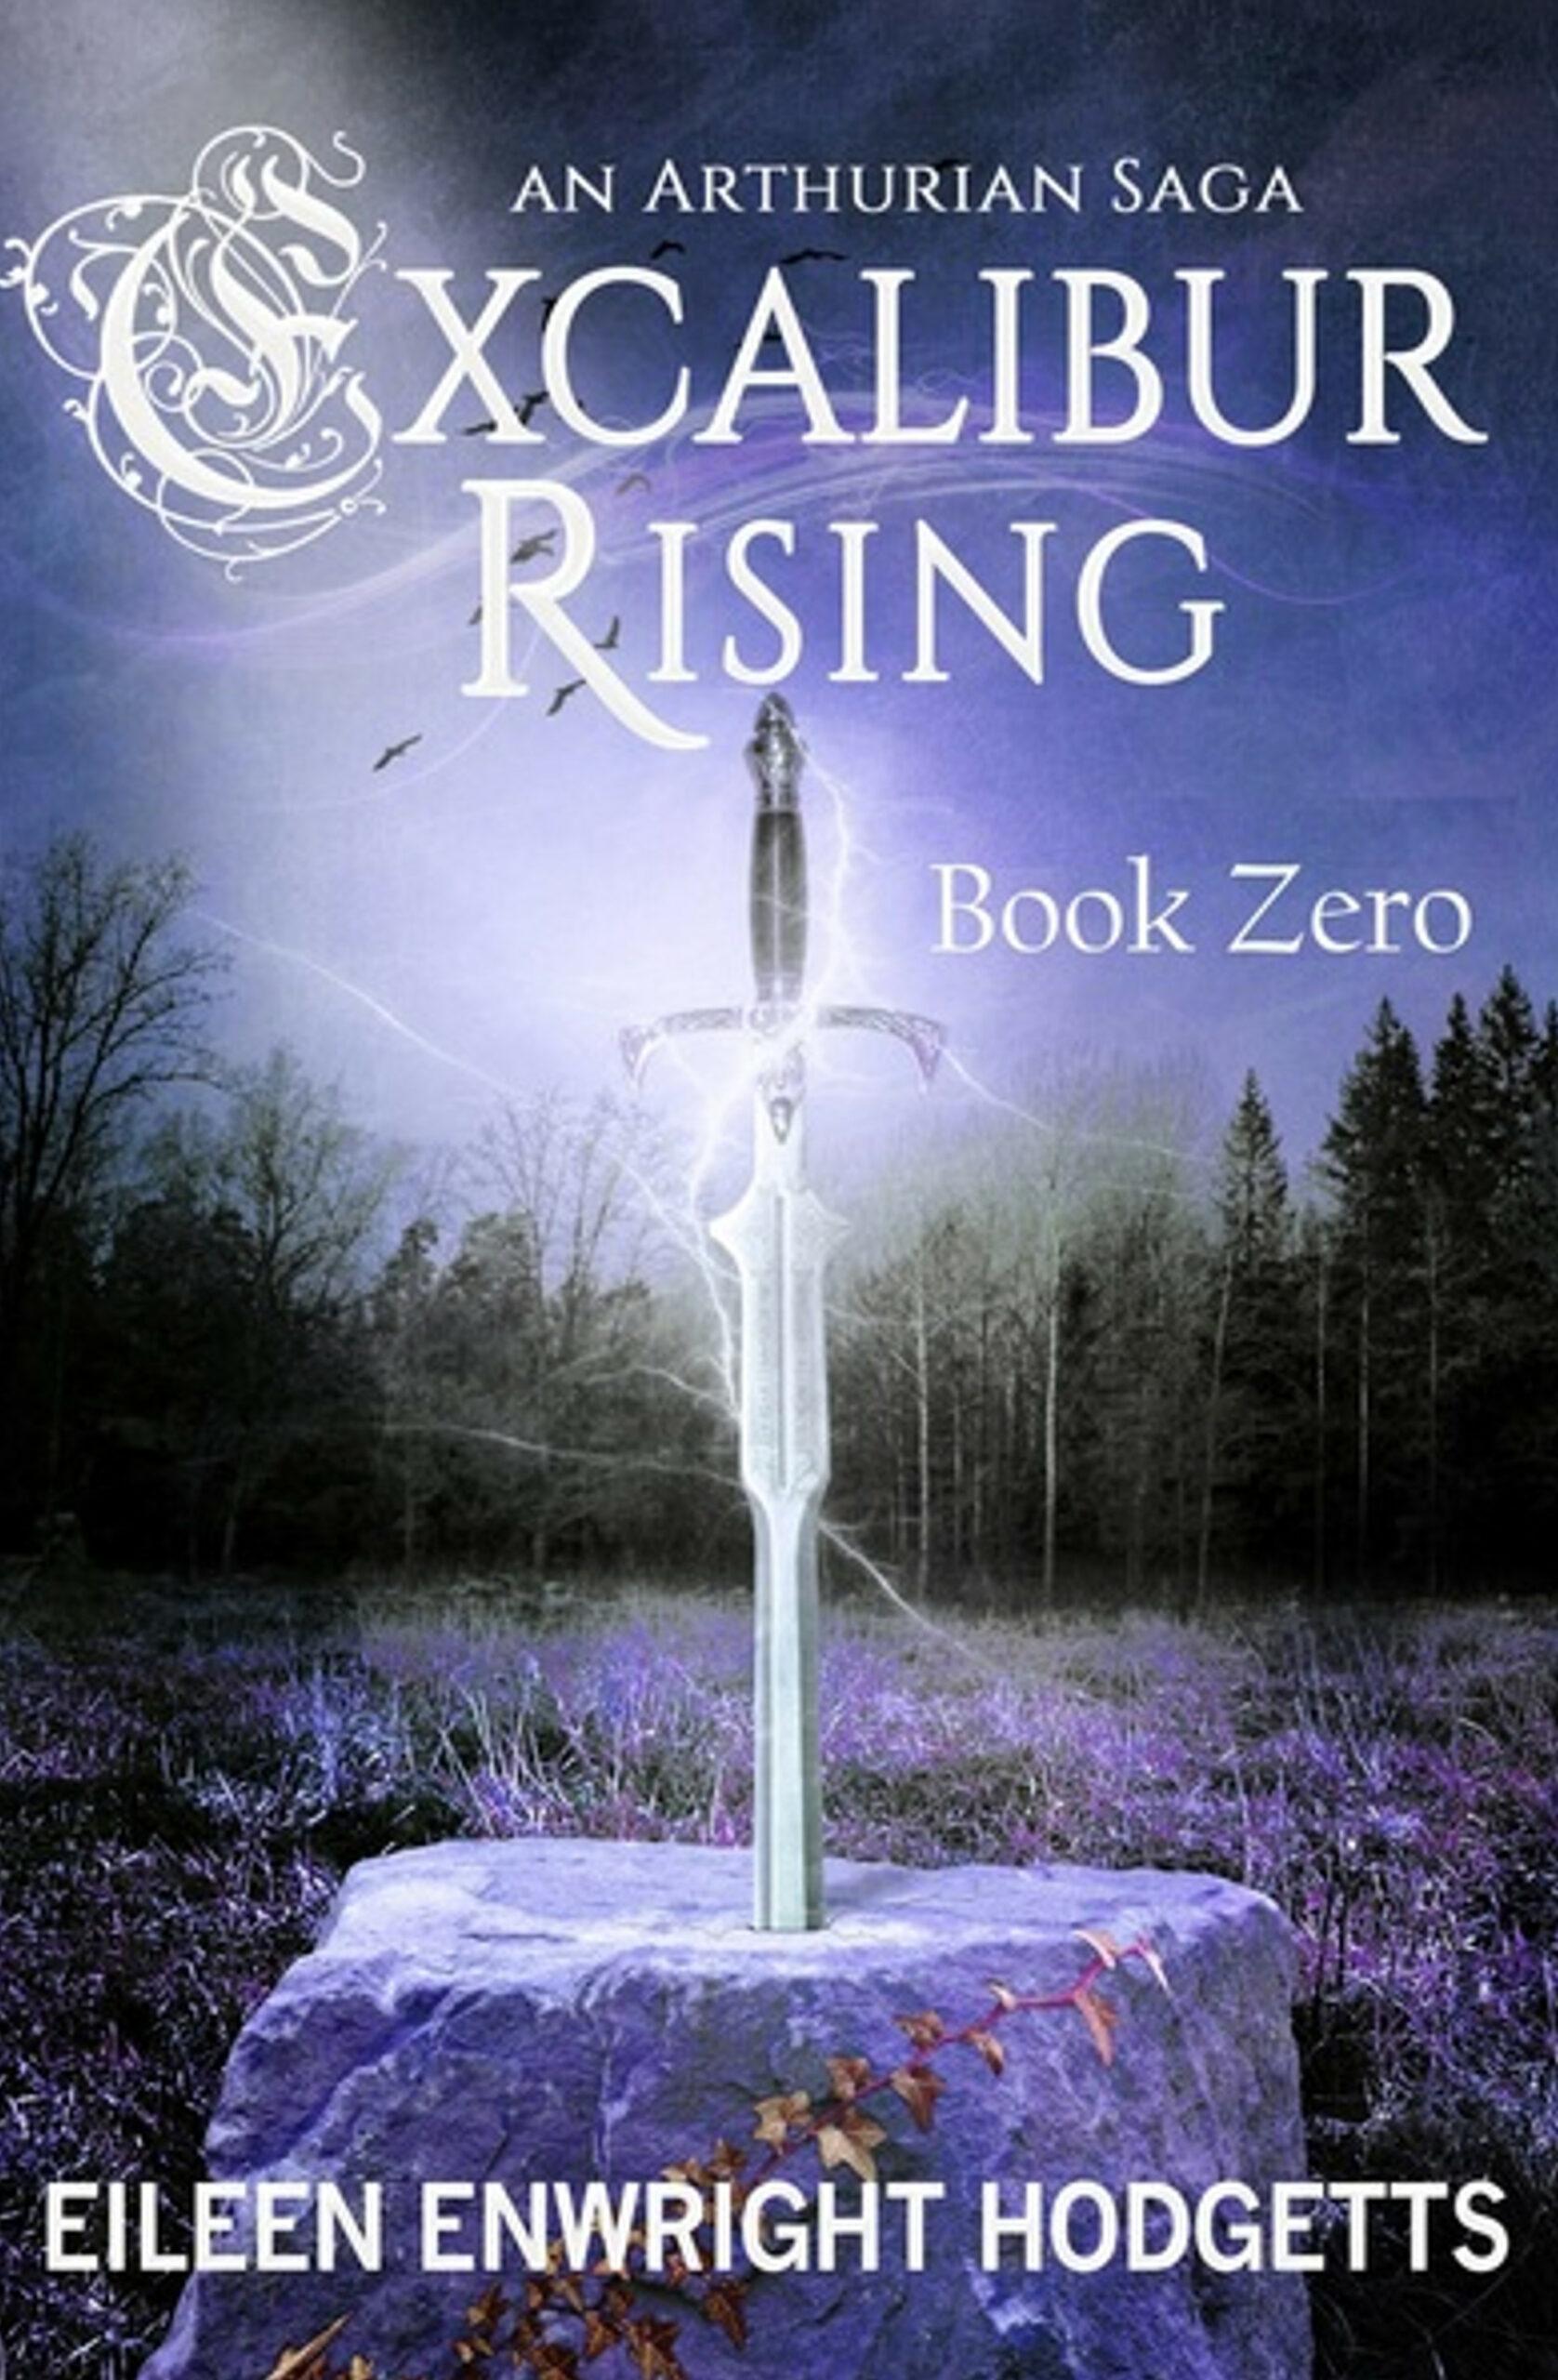 Excalibur-Rising-Zero.jpg